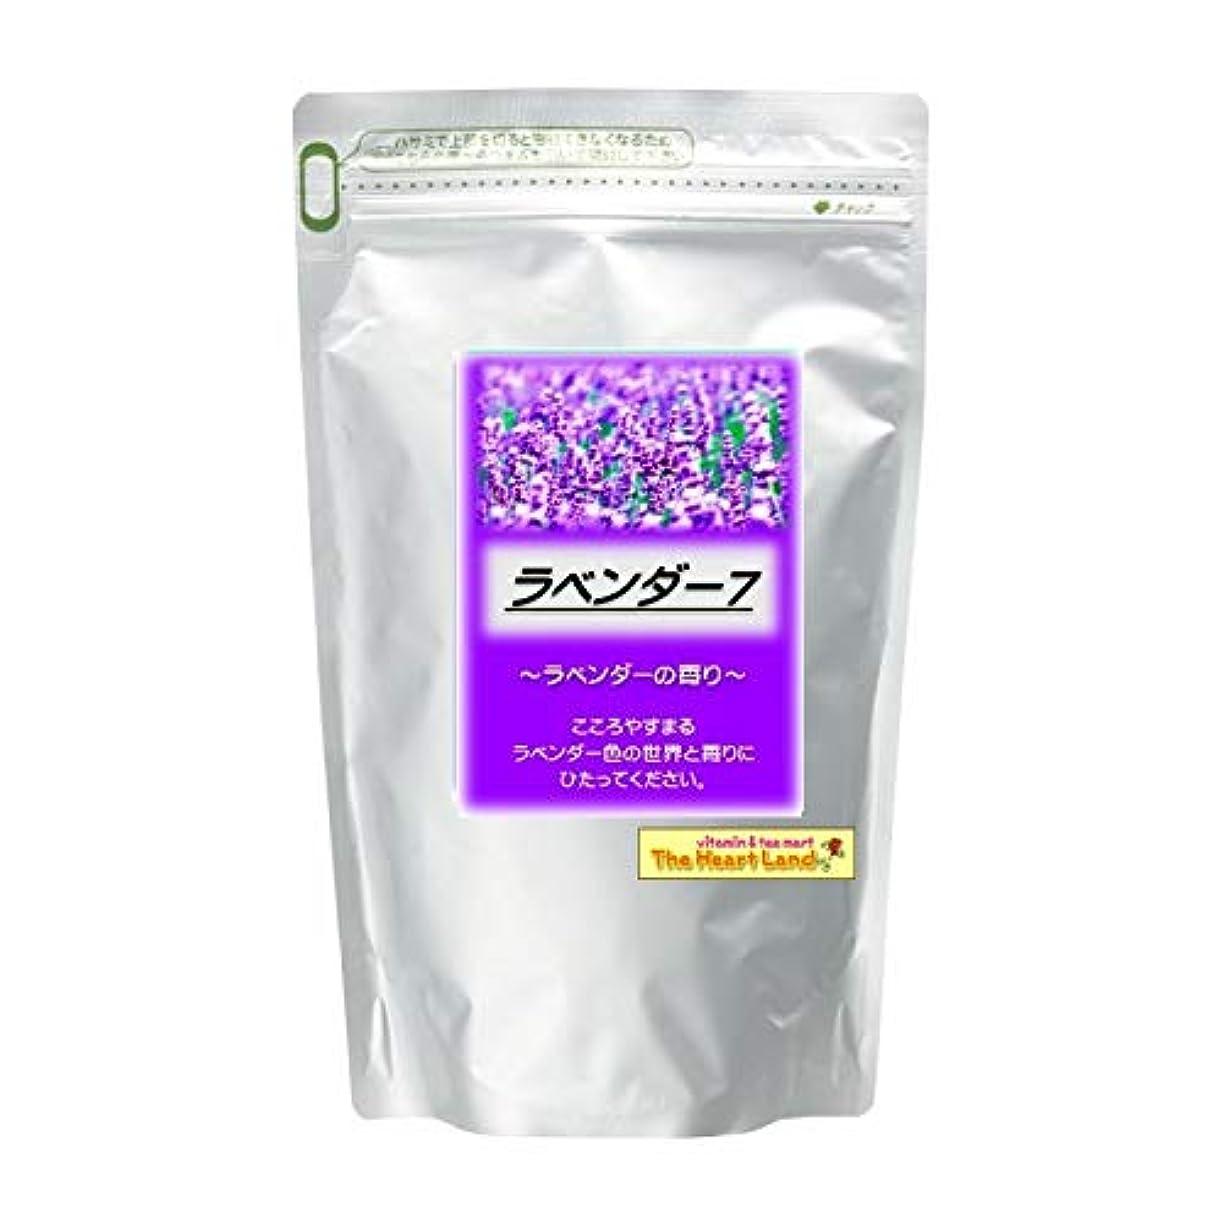 グローバルに付ける修理工アサヒ入浴剤 浴用入浴化粧品 ラベンダー7 300g